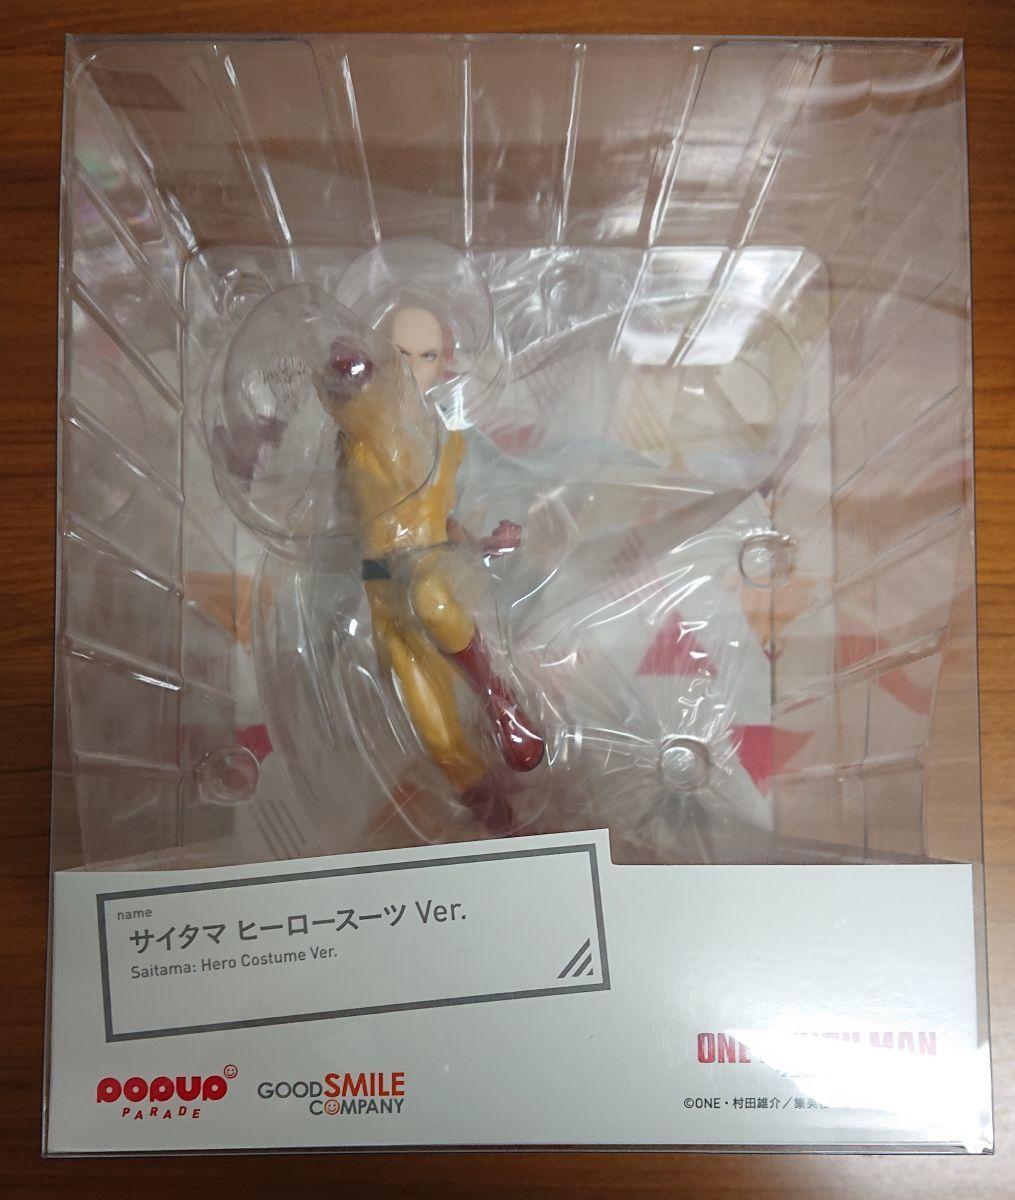 F18】(未開封)POP UP PARADE ワンパンマン サイタマ ヒーロースーツ Ver.